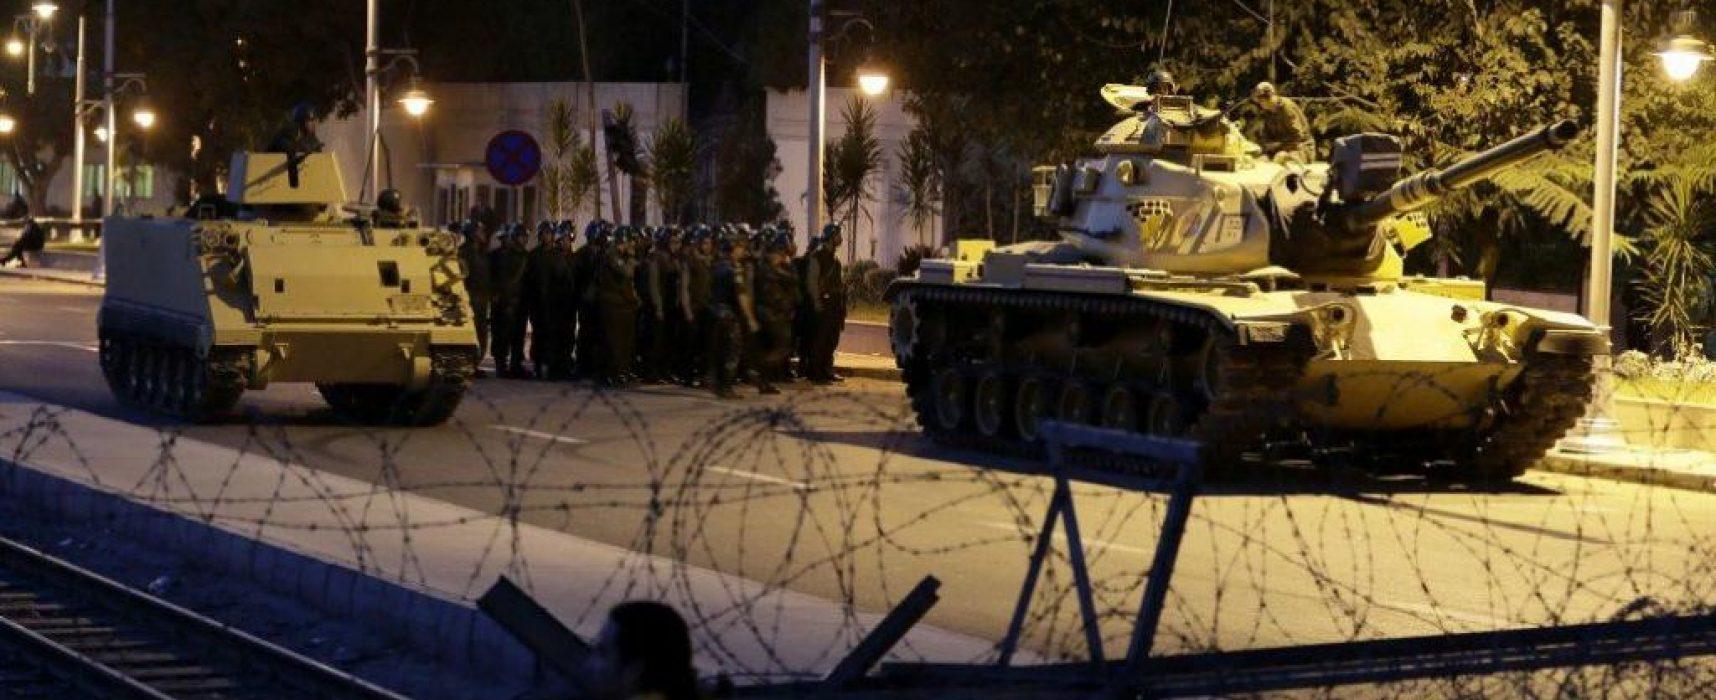 El intento del golpe de estado en Turquía: las 6 imágenes falsas que fueron difundidas